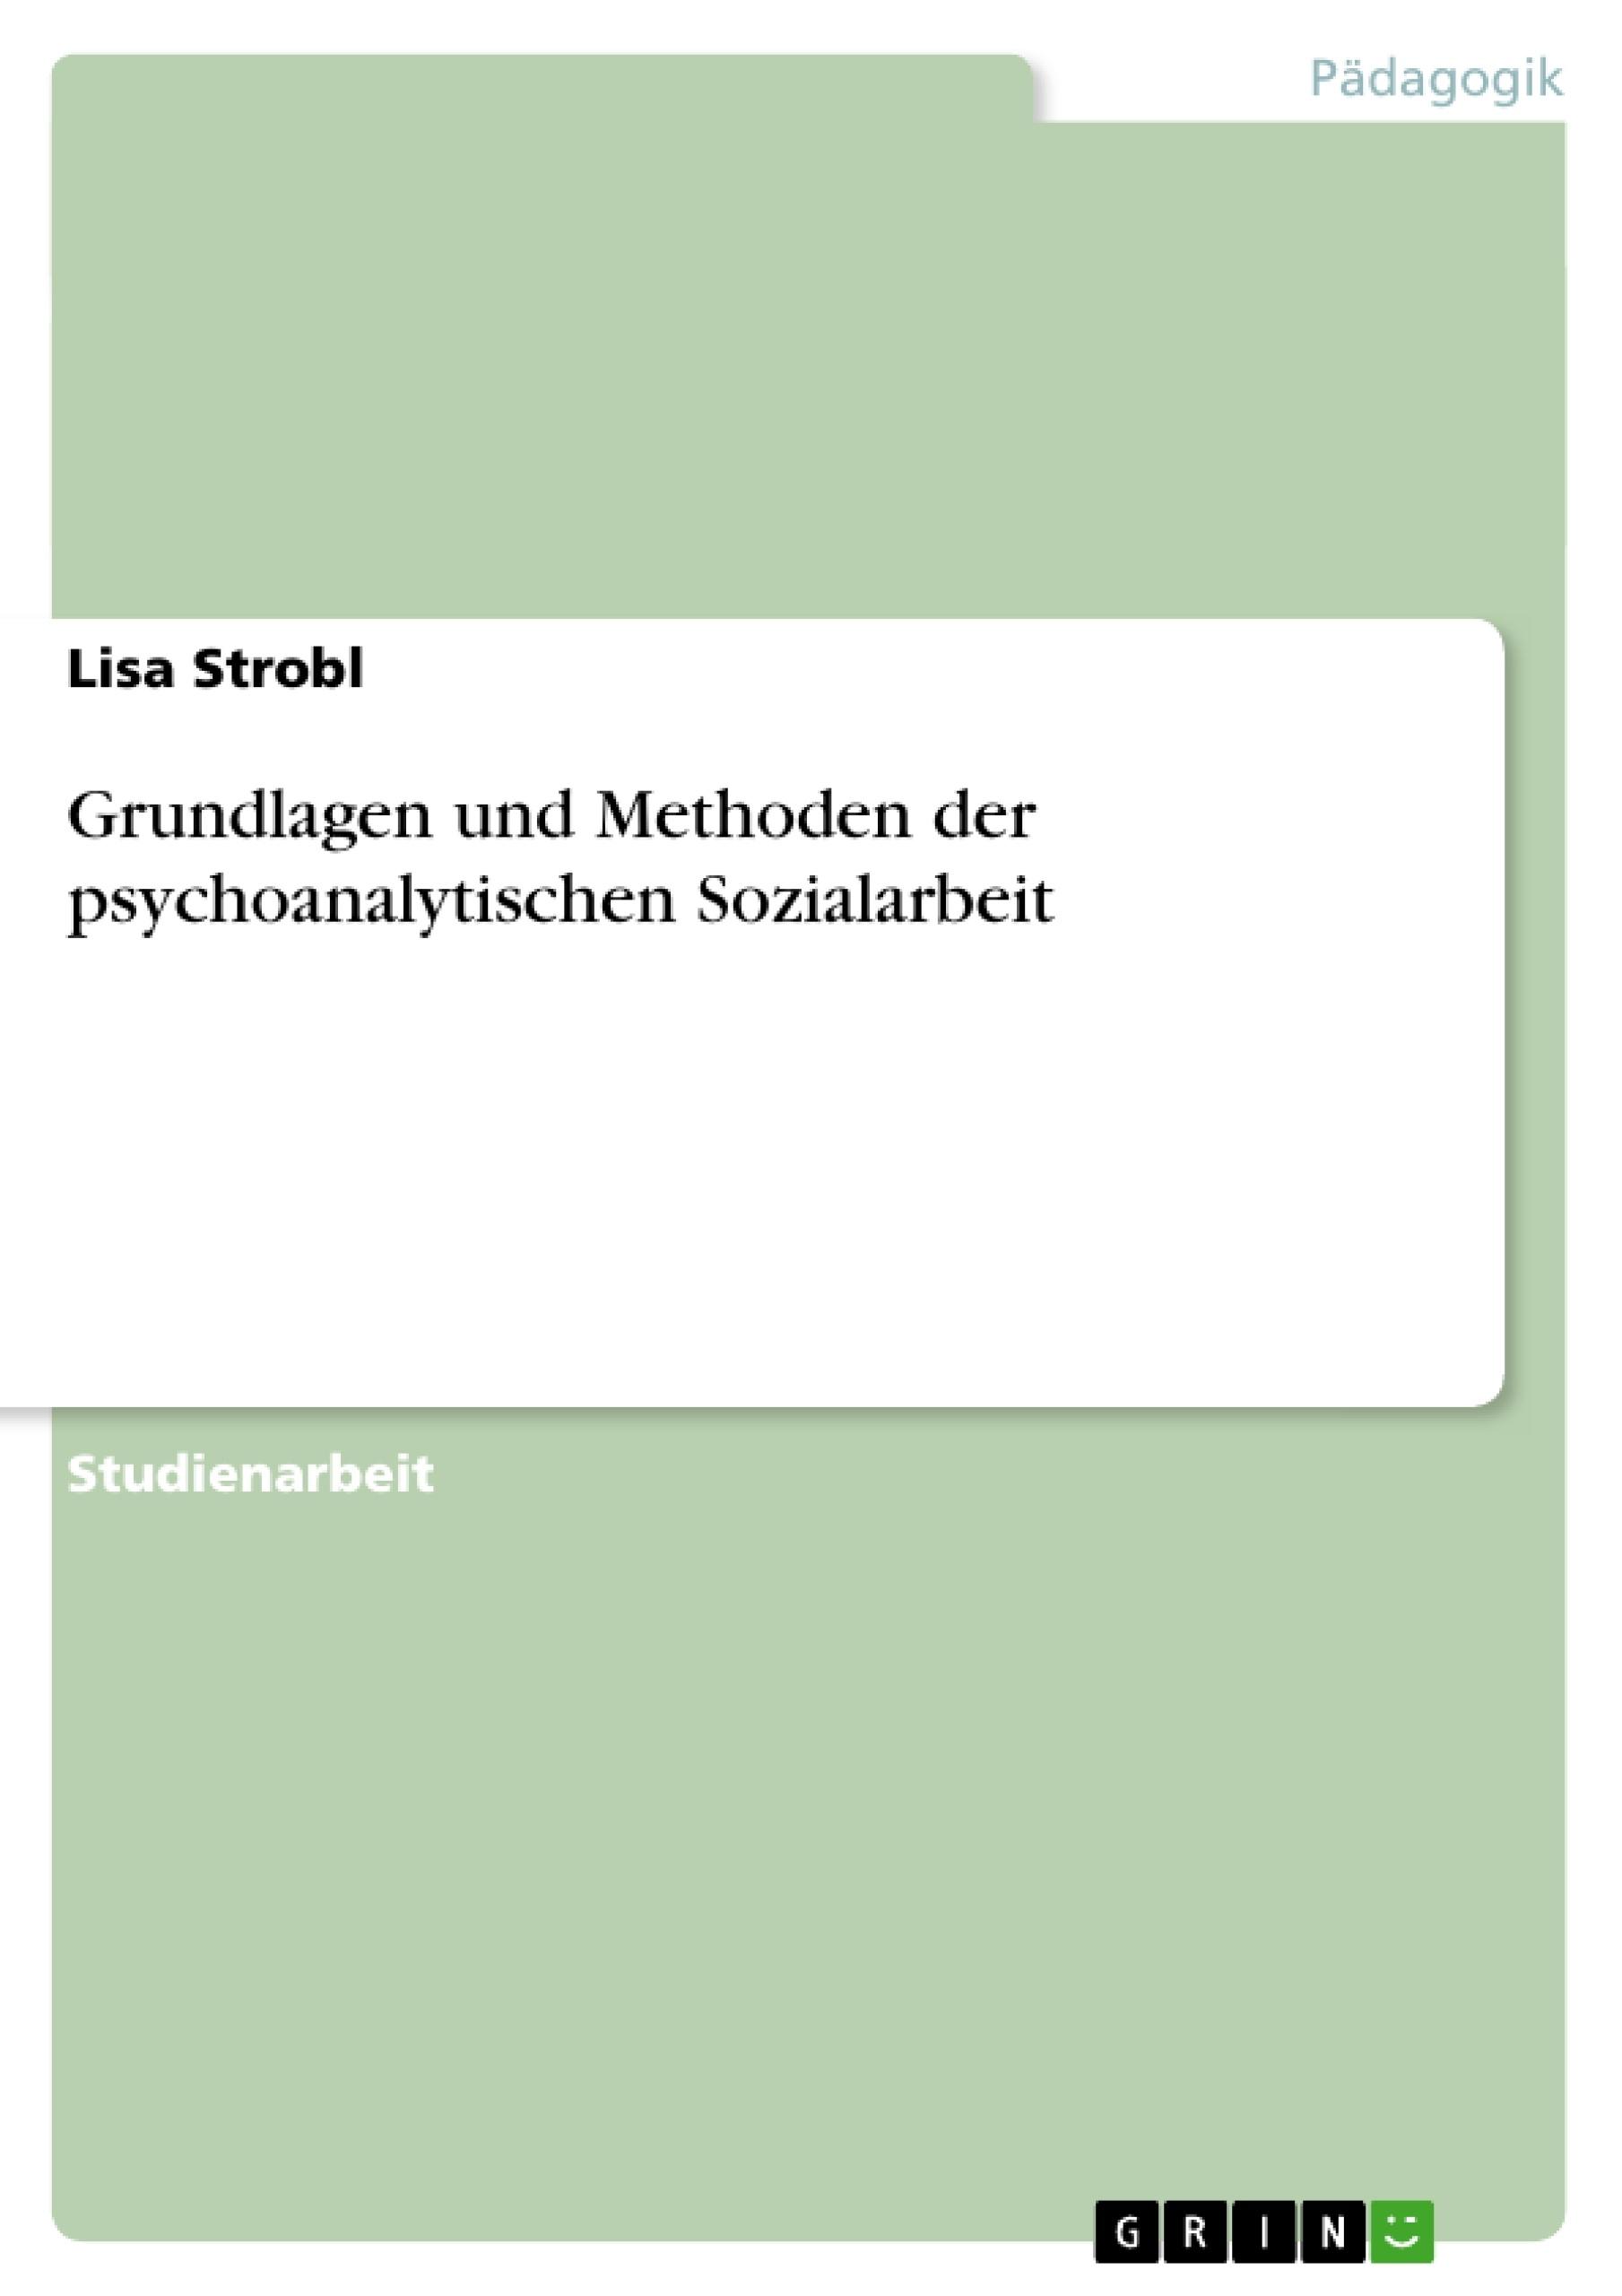 Titel: Grundlagen und Methoden der psychoanalytischen Sozialarbeit